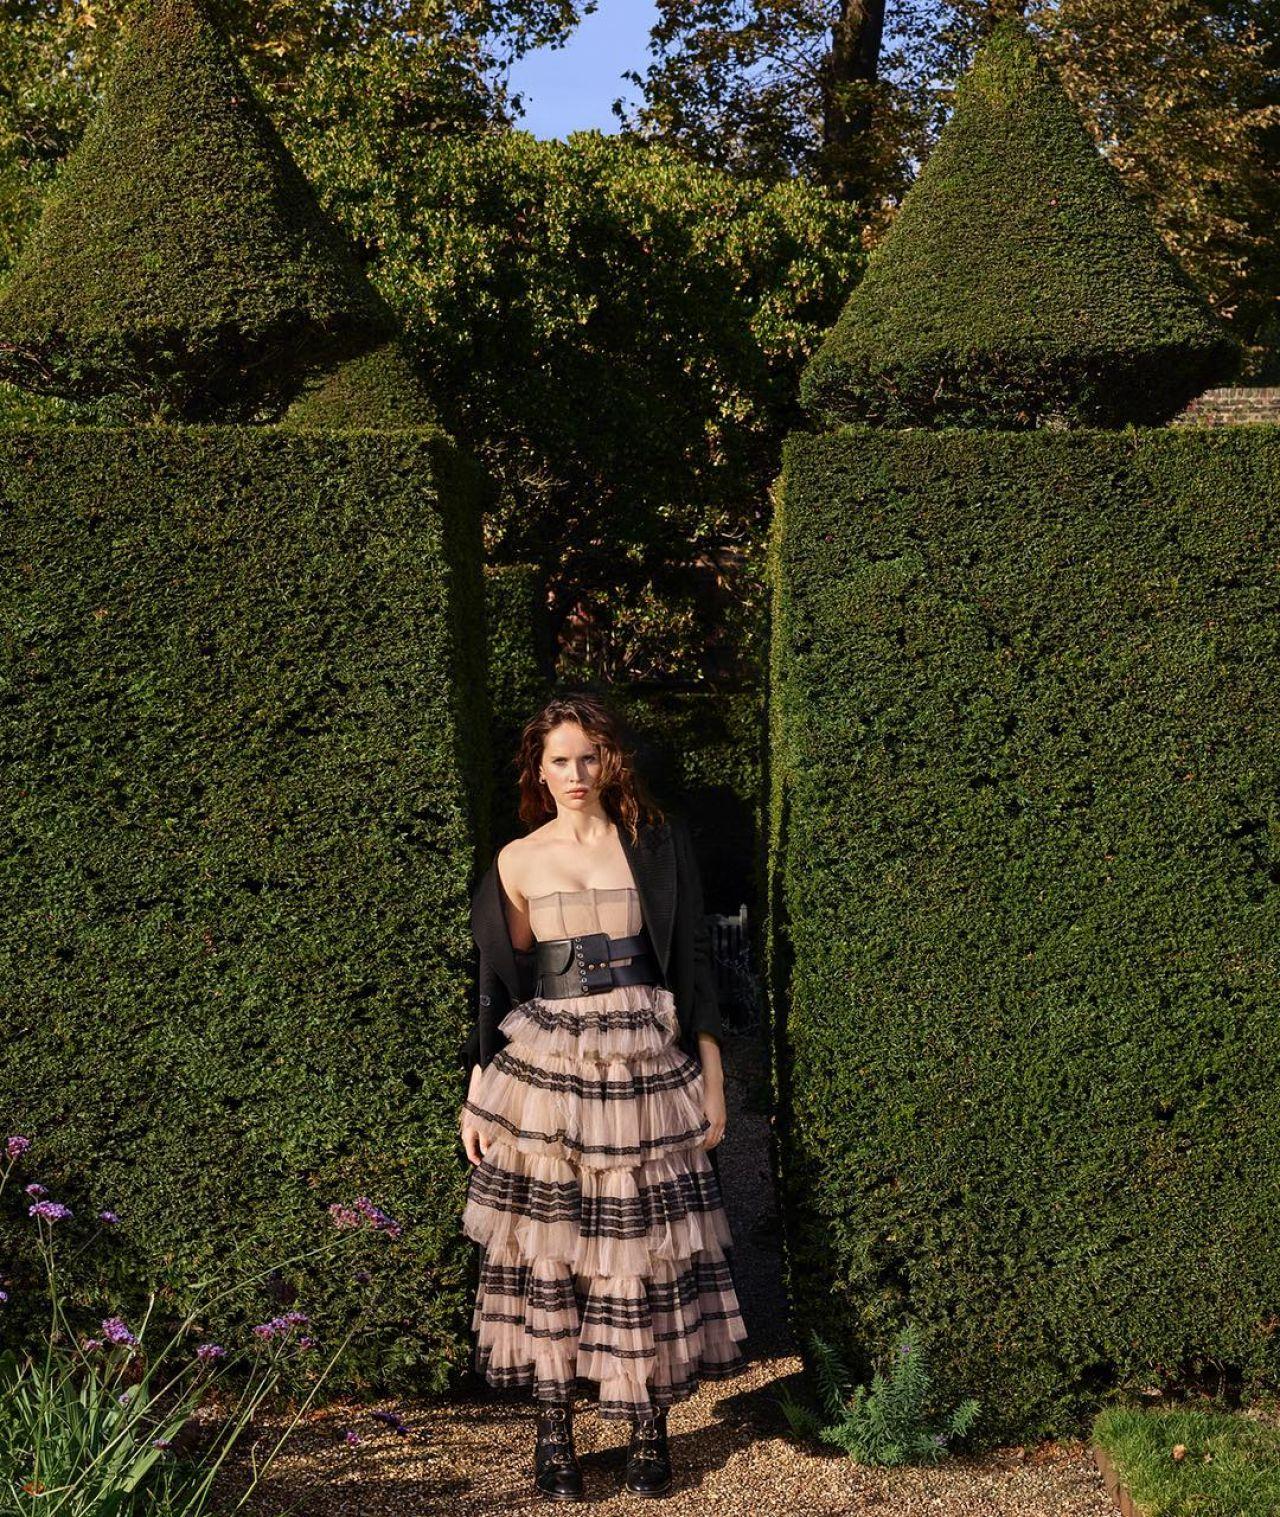 https://celebmafia.com/wp-content/uploads/2018/11/felicity-jones-photoshoot-for-dujour-magazine-november-2018-1.jpg